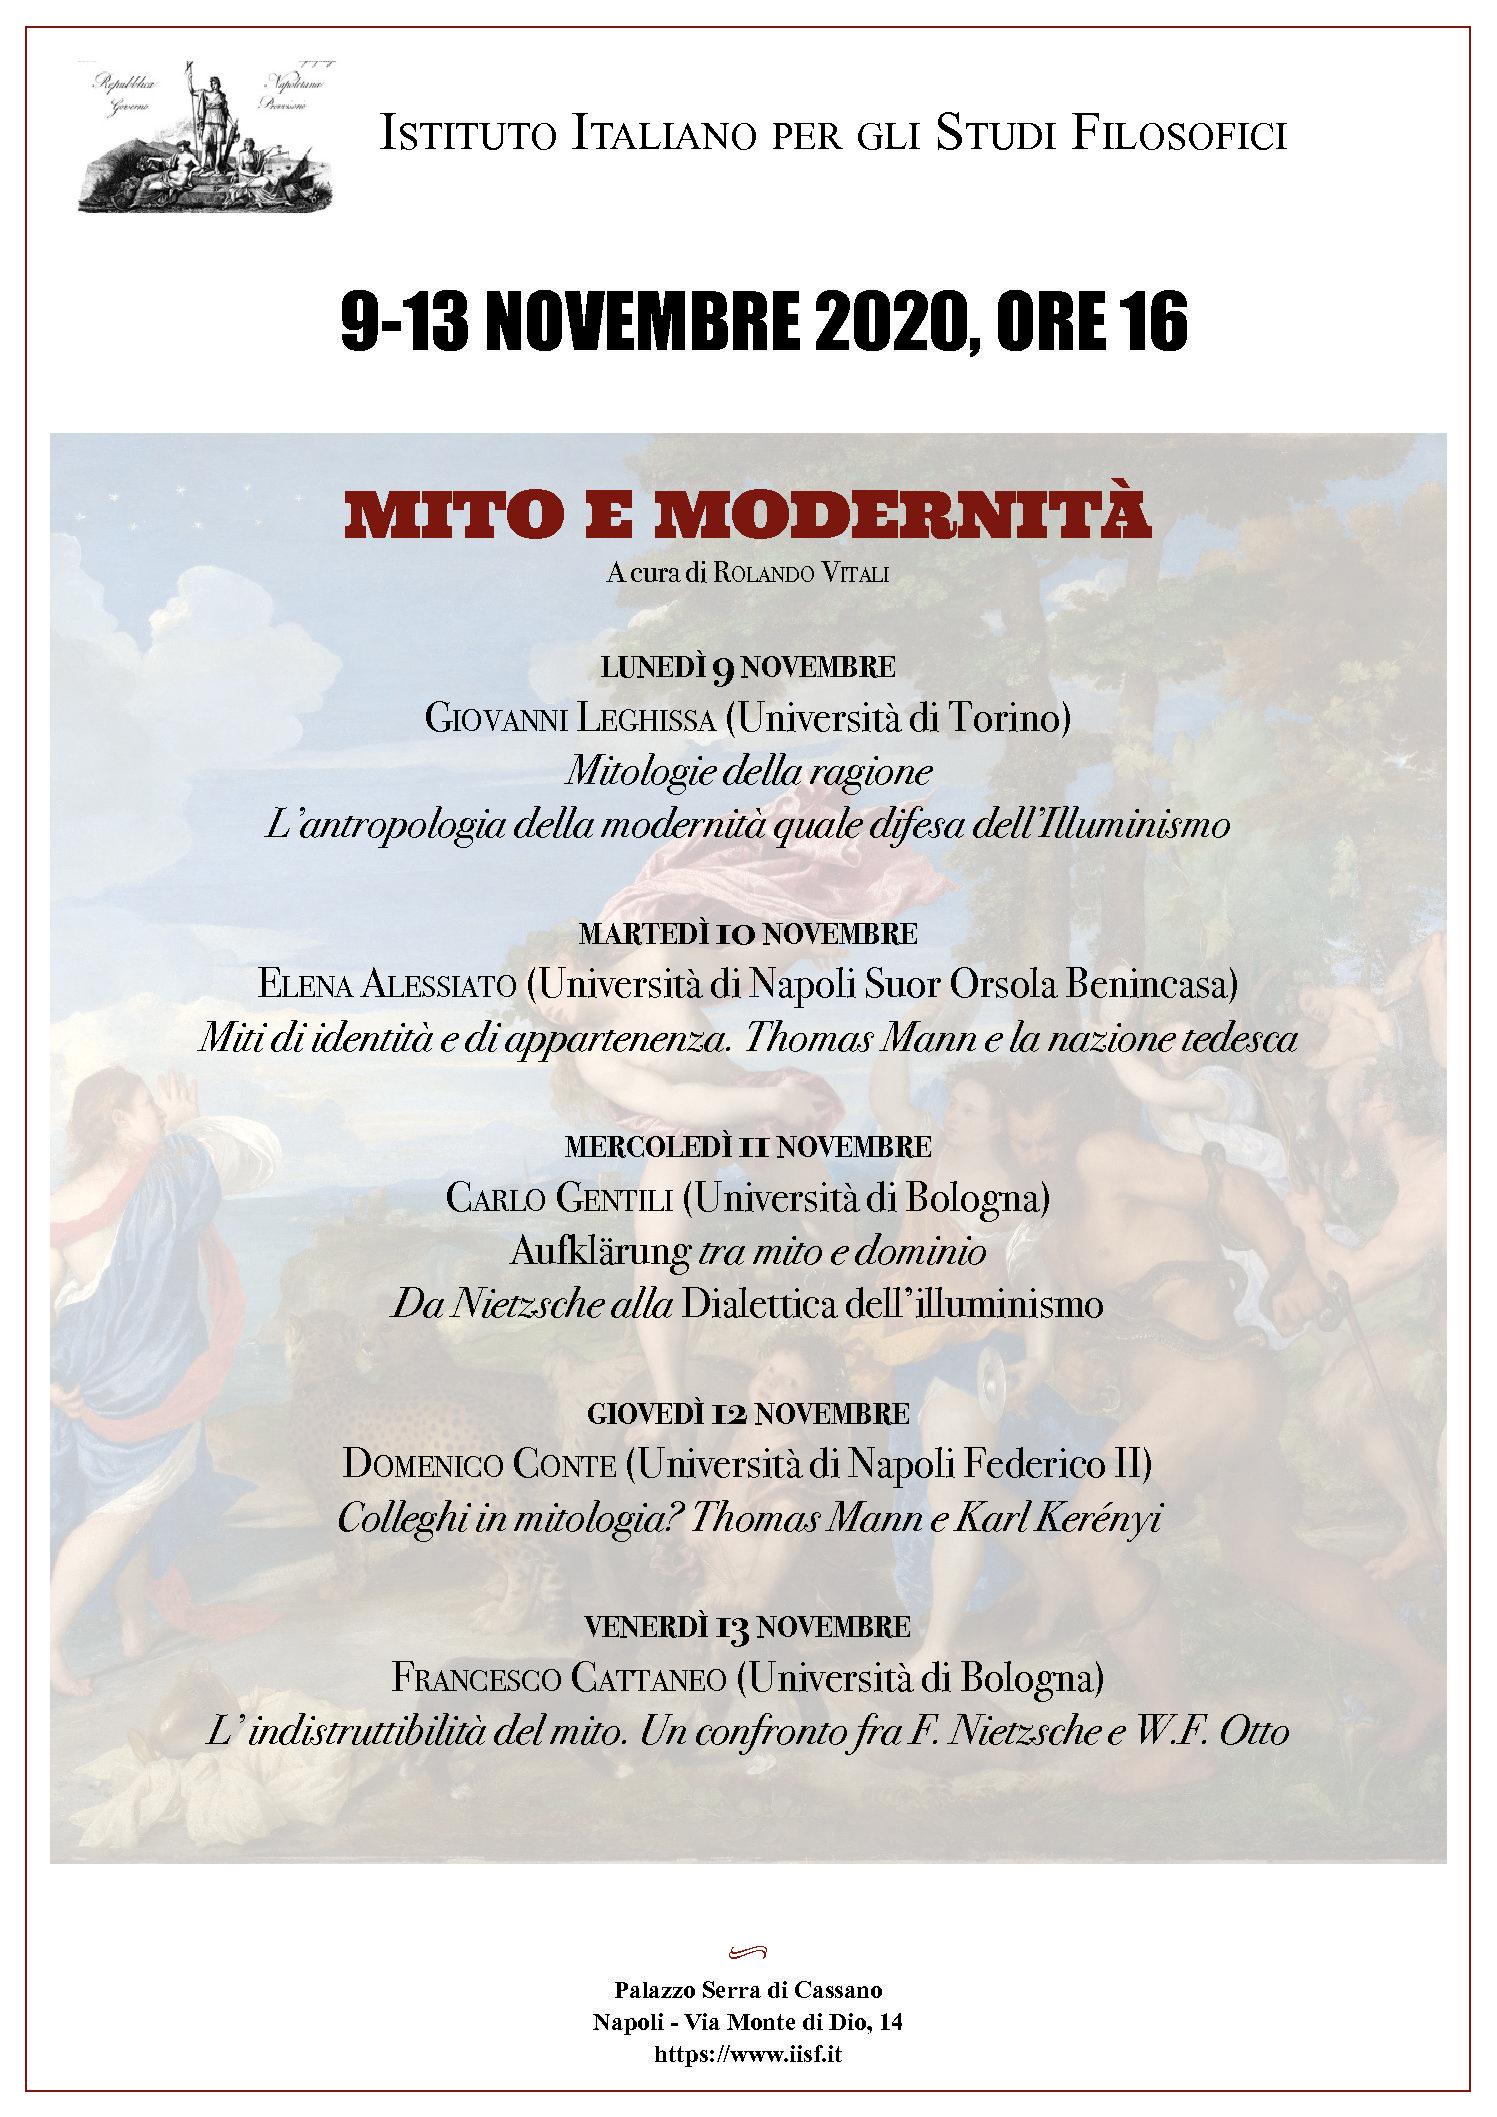 Seminario Mito e modernità – 9/13 novembre 2020, ore 16